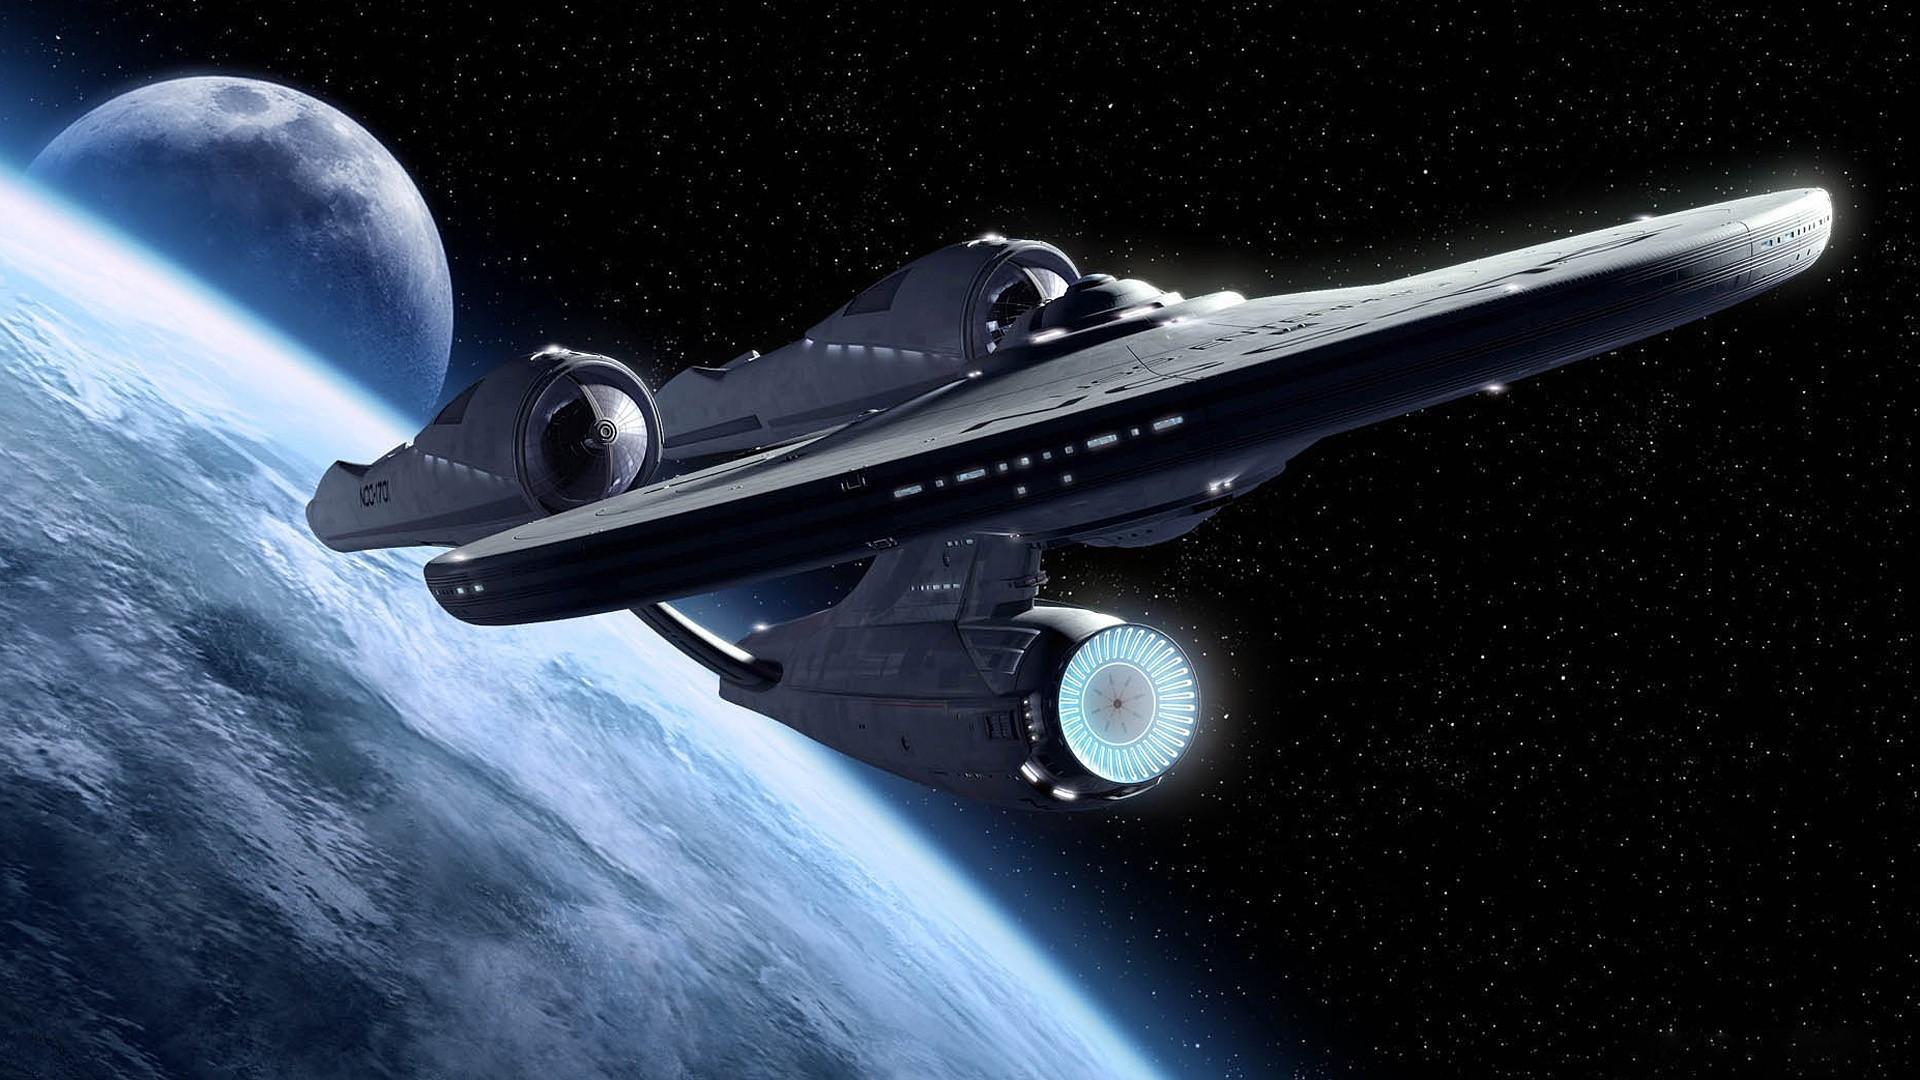 Klingoni po faceliftingu? Twórcy nowego Star Treka drażnią się z fanami